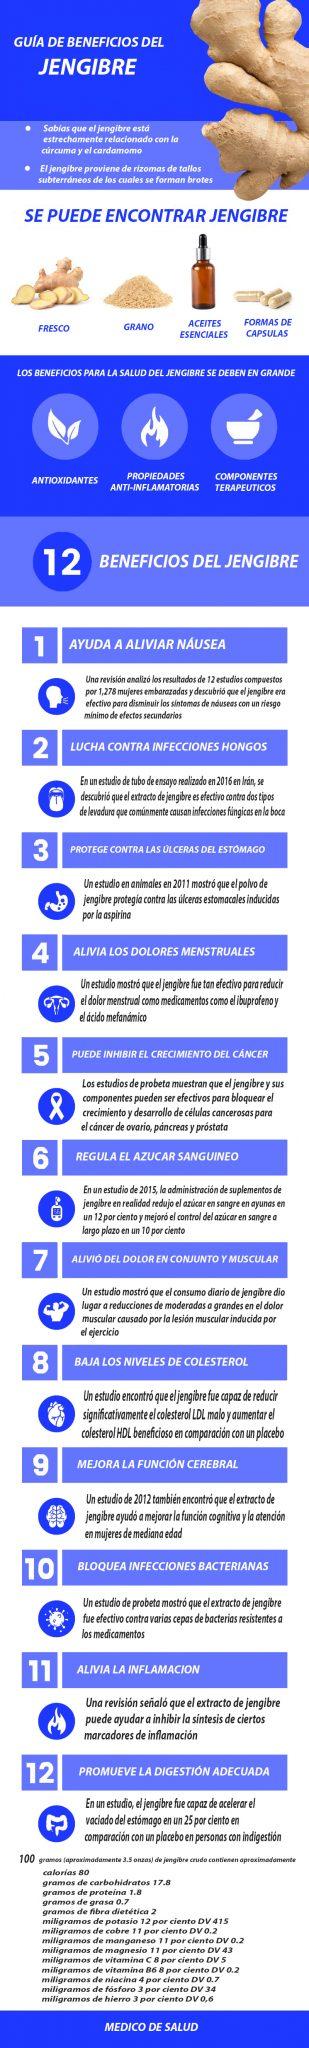 12 ventajas principales del jengibre para el cuerpo y el cerebro 12 ventajas principales del jengibre para el cuerpo y el cerebro 12 ventajas principales del jengibre para el cuerpo y el cerebro Benefits of Ginger graphic